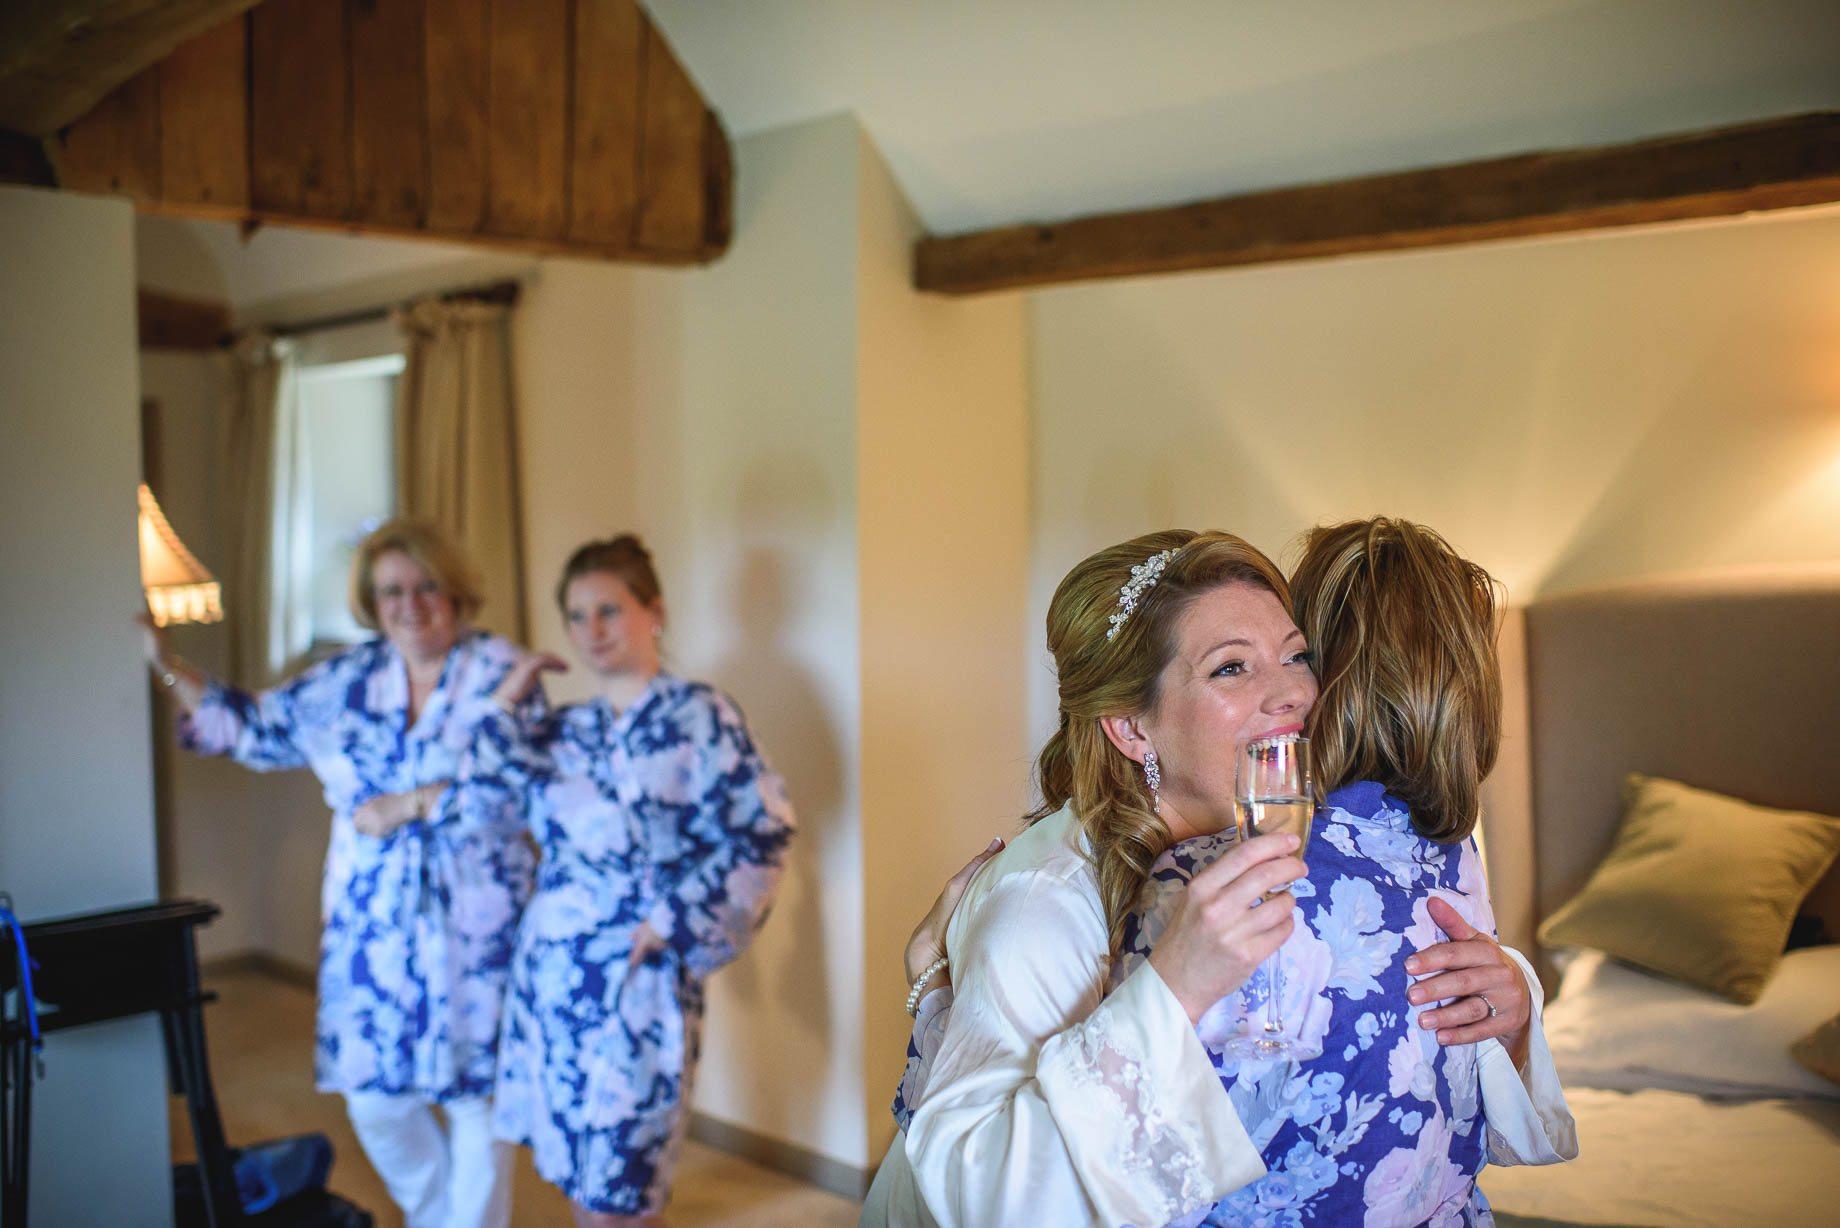 Bartholomew Barns wedding photography - Louise and Spencer (15 of 151)